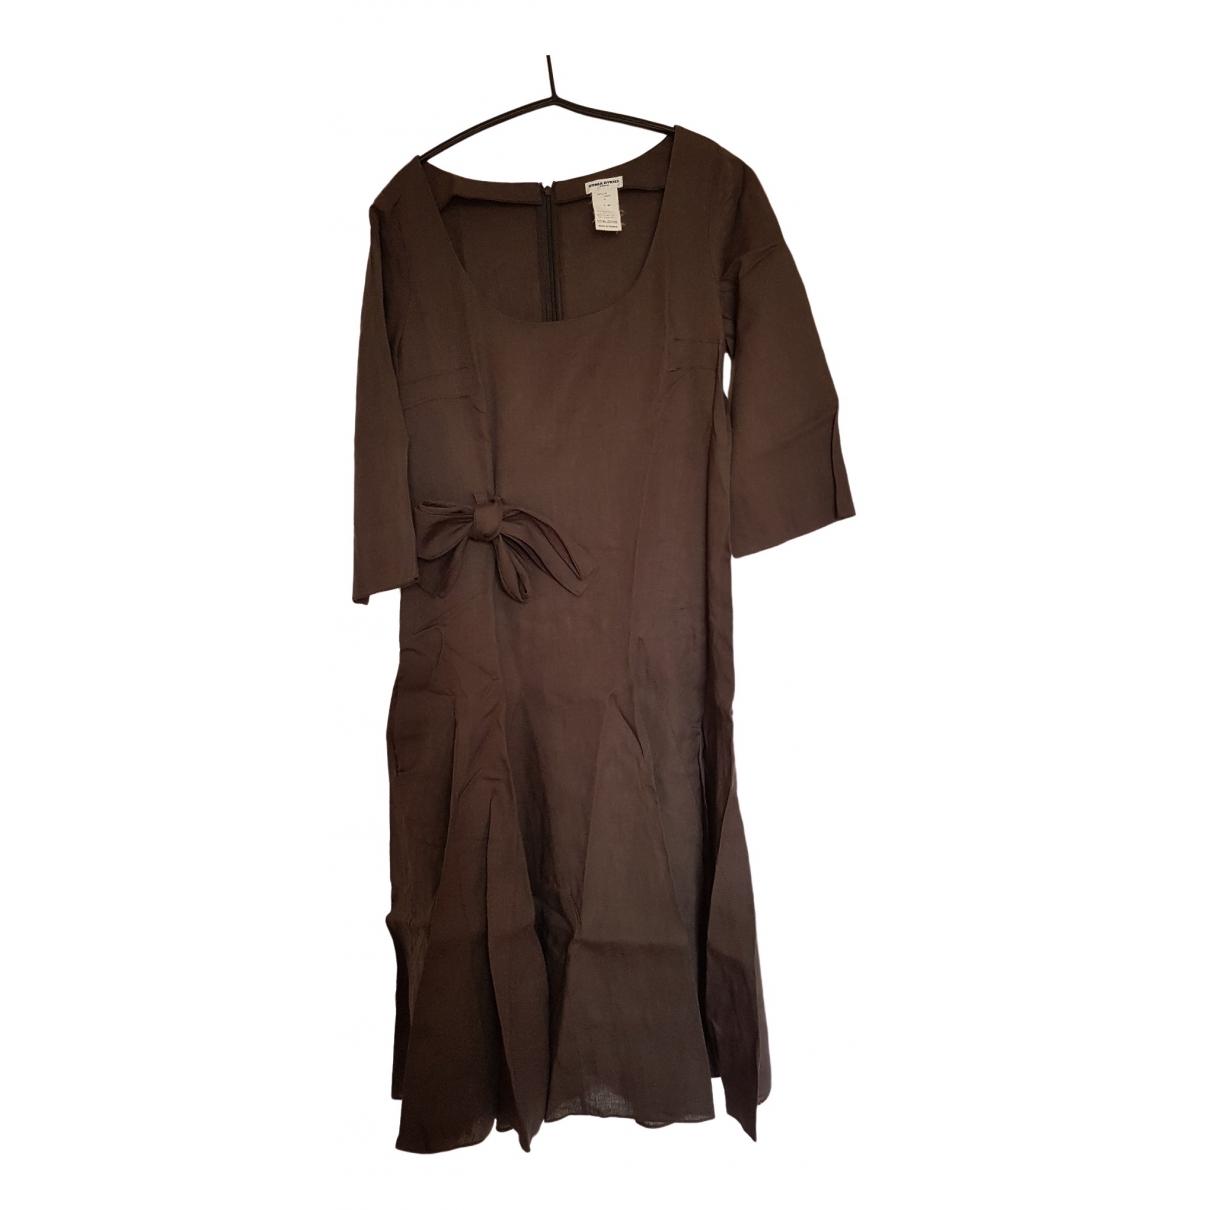 Sonia Rykiel \N Brown Linen dress for Women 44 FR